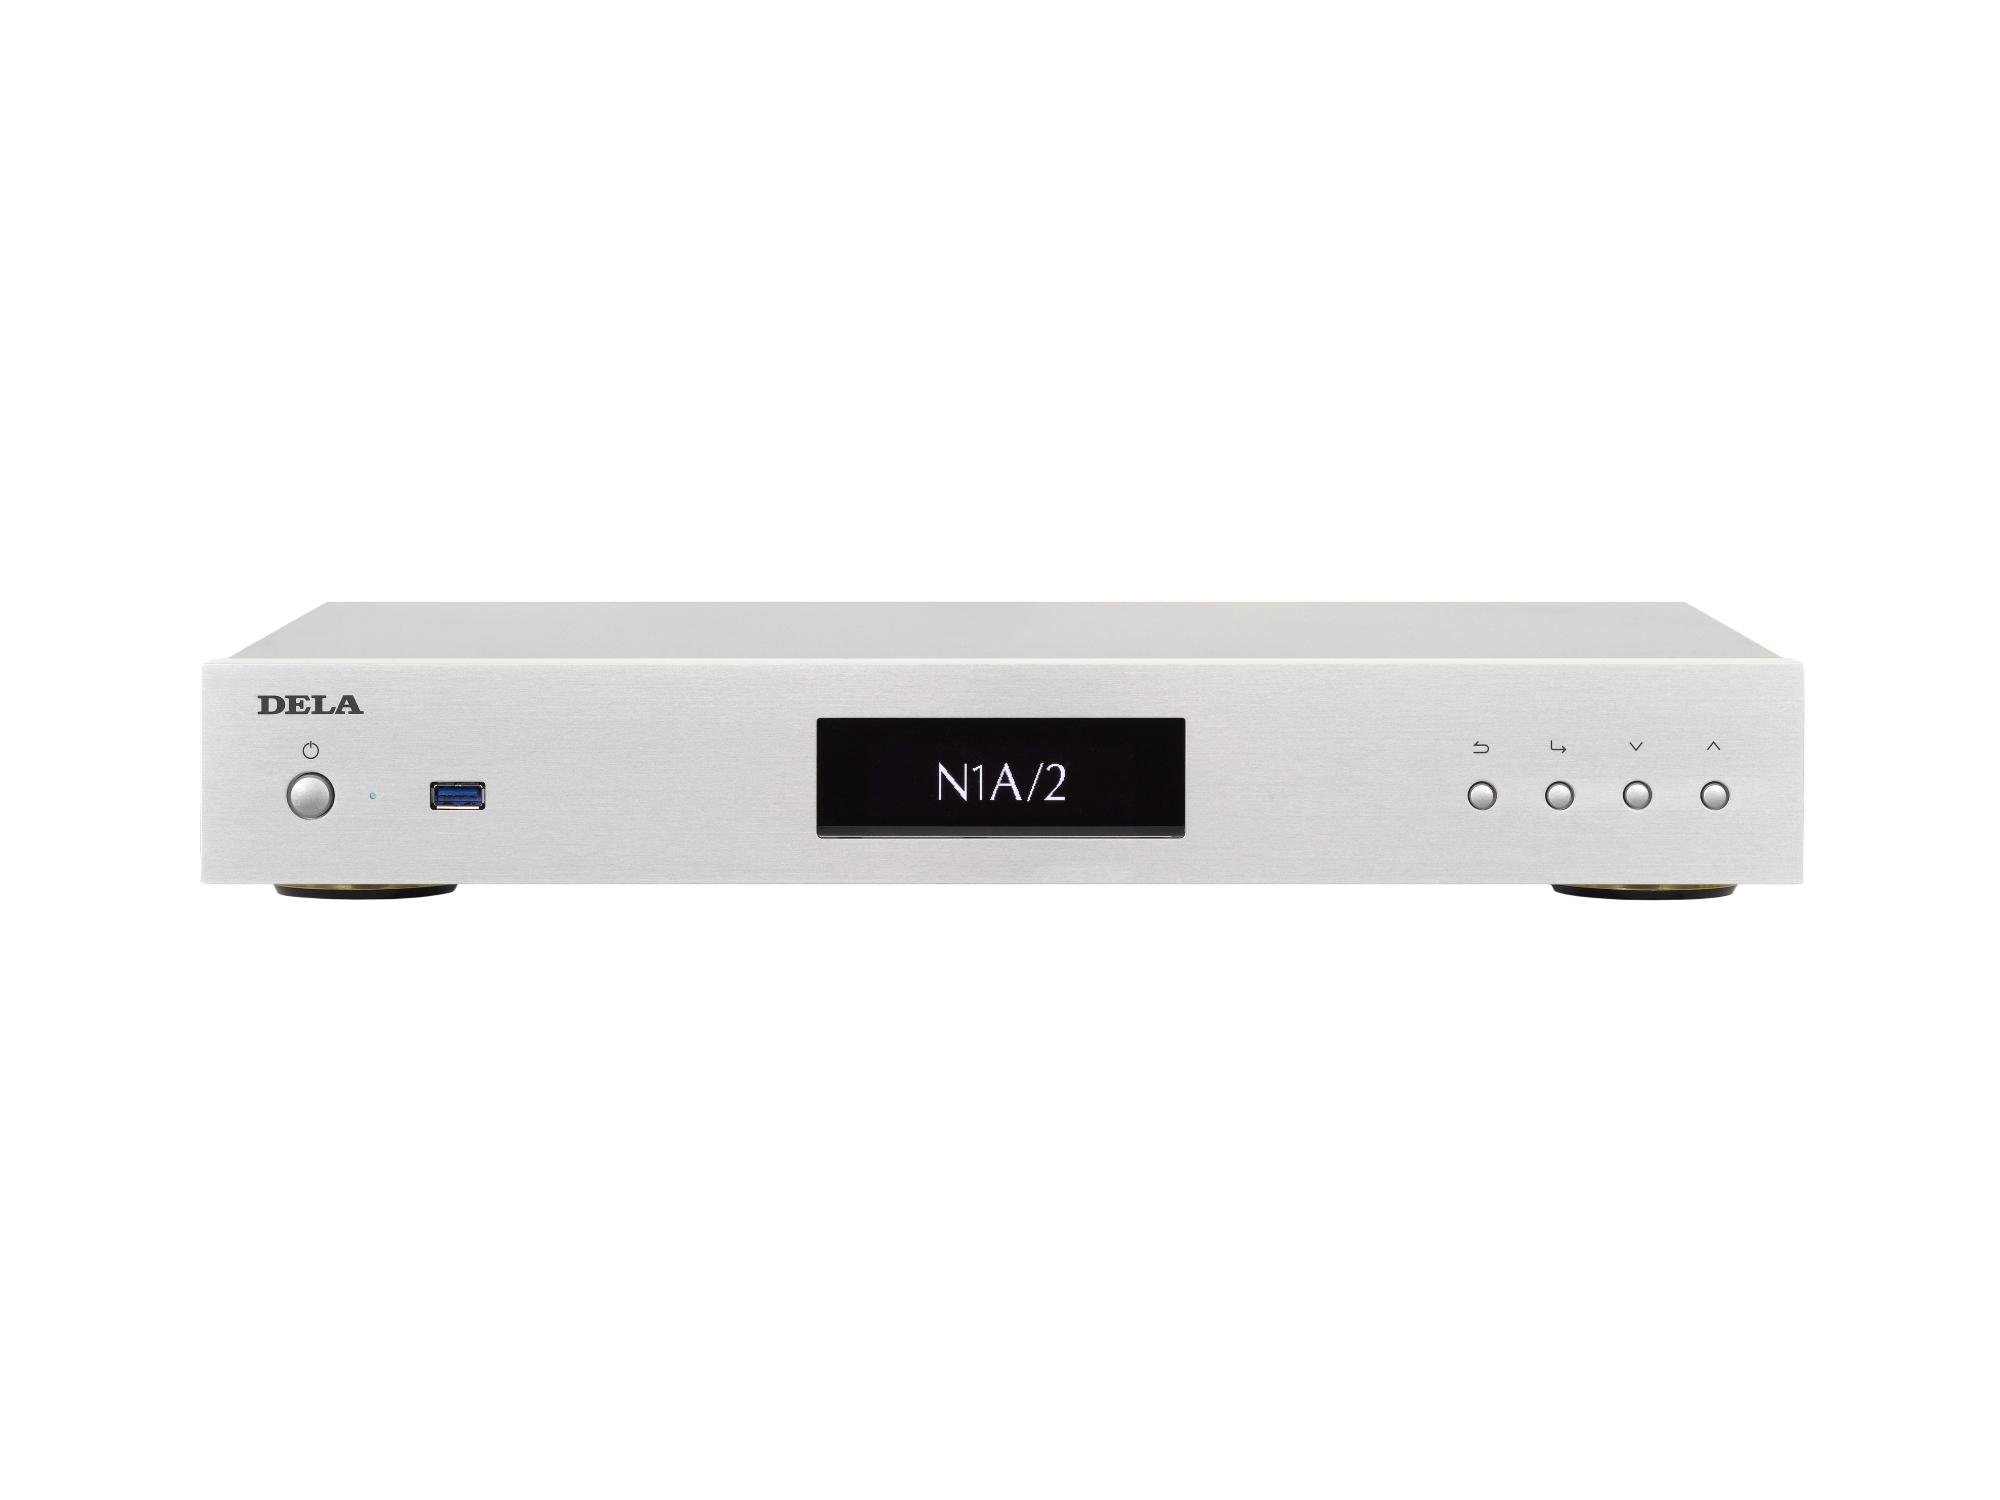 デジタルミュージック・ライブラリー「DELA N1、N1/2シリーズ」が、moraで購入した楽曲の自動ダウンロードに対応